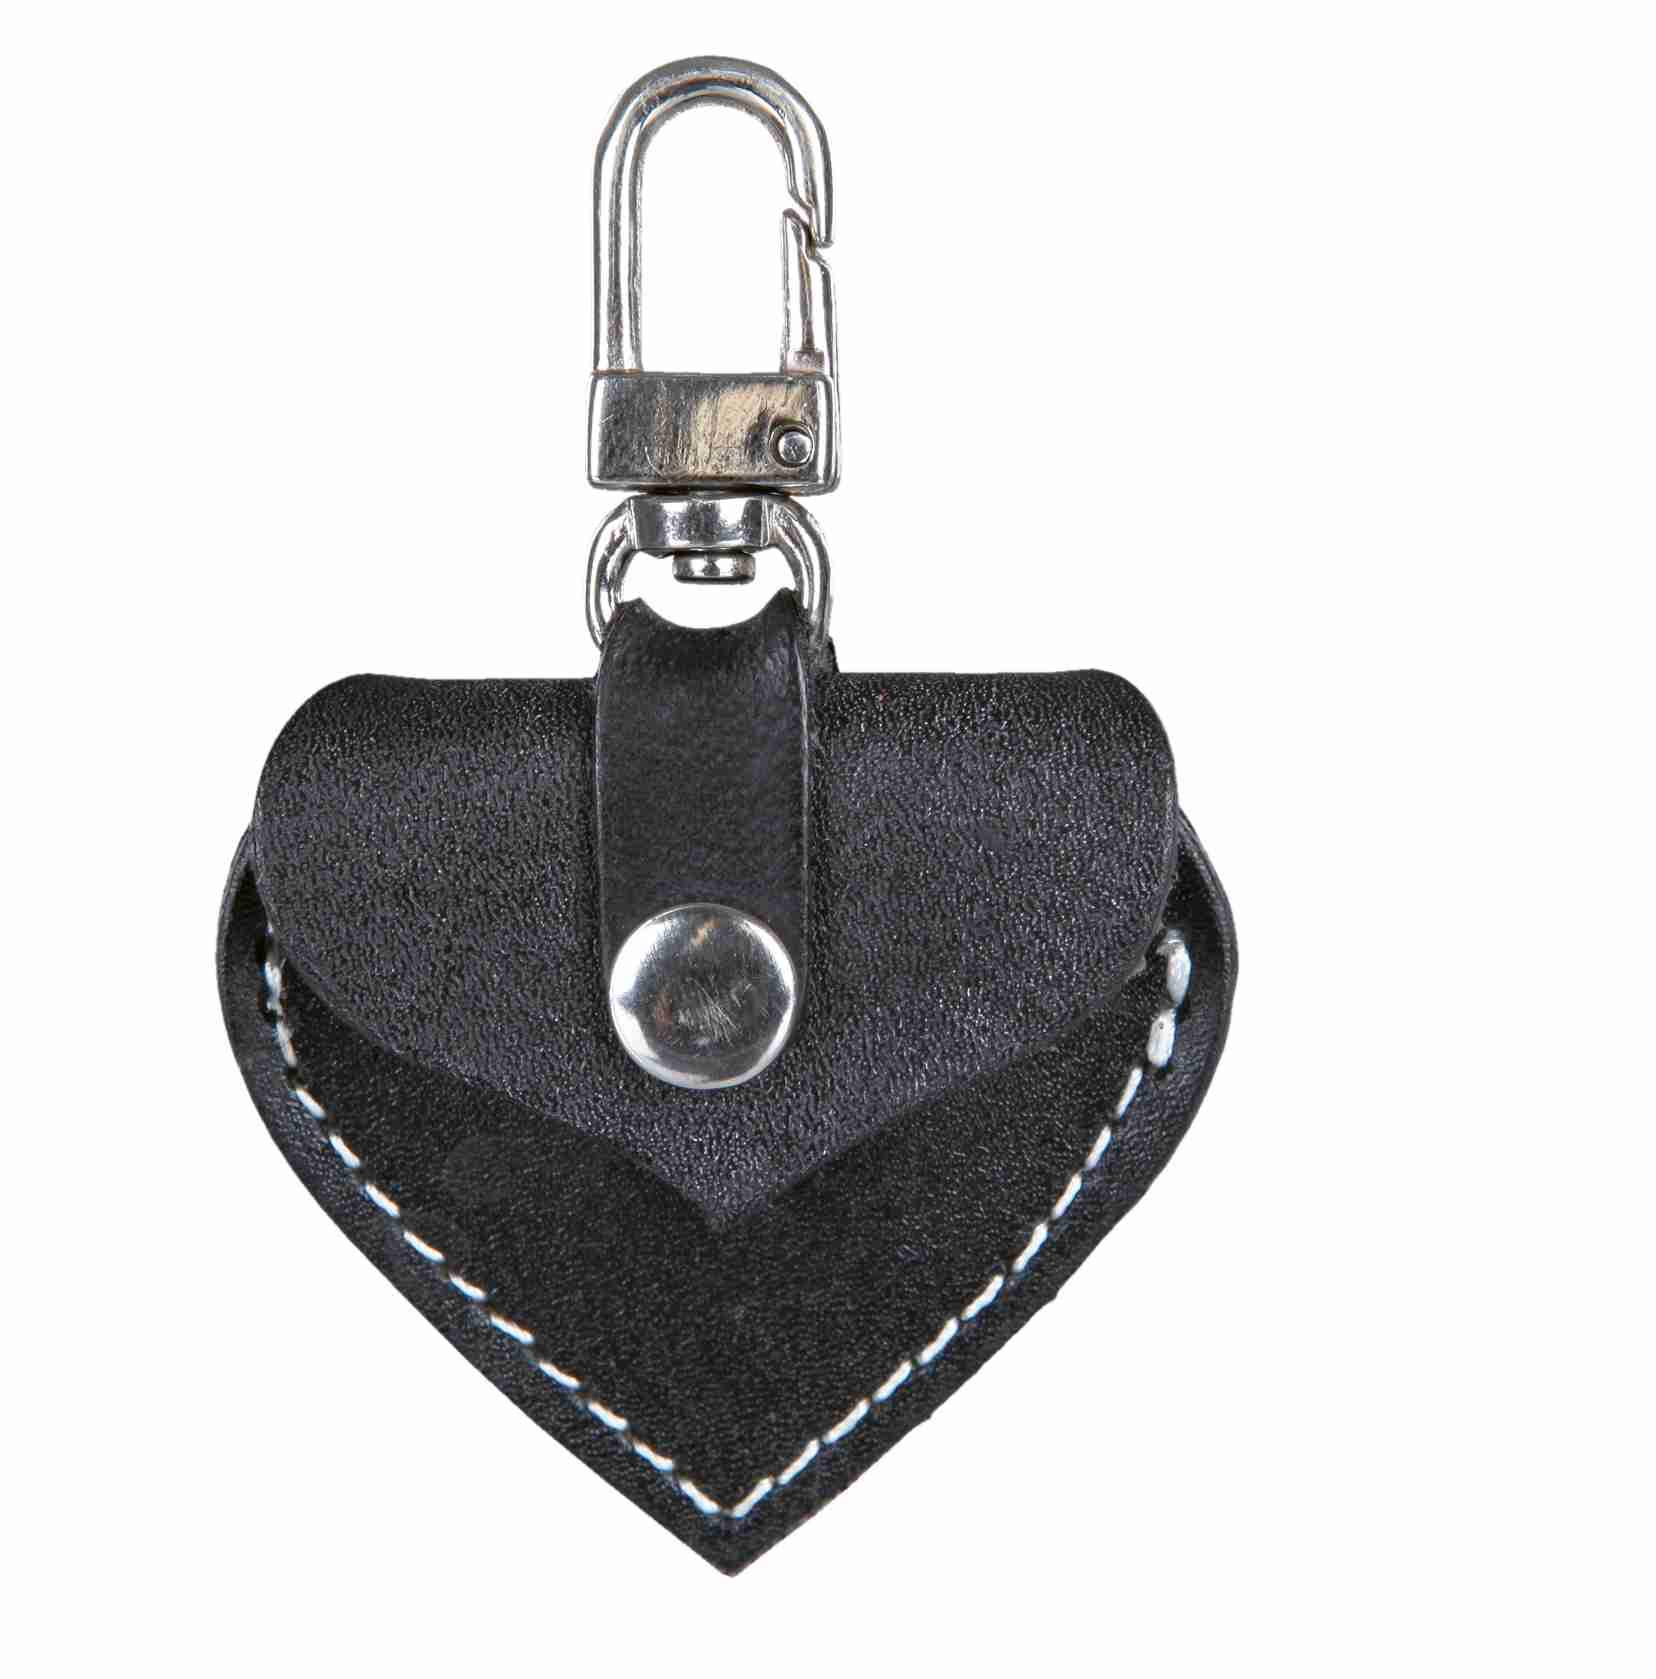 TRIXIE Adressanhänger, Leder TRIXIE Adressherzchen, 5,5 × 5 cm, schwarz